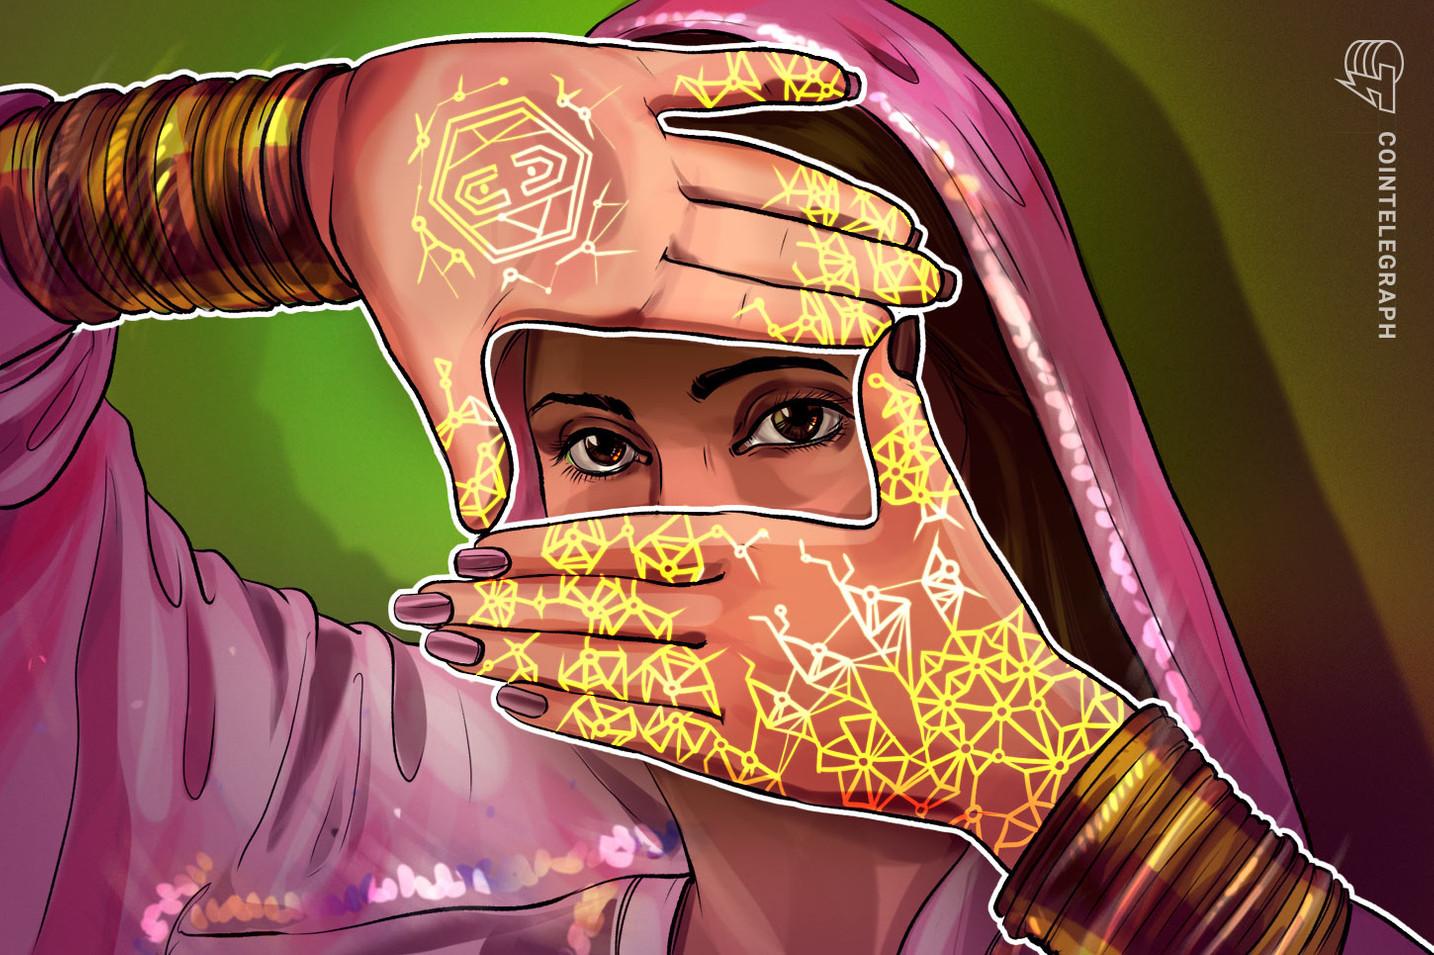 Principais bancos privados da Índía faz parceria com a Ripple para remessas transfronteiriças